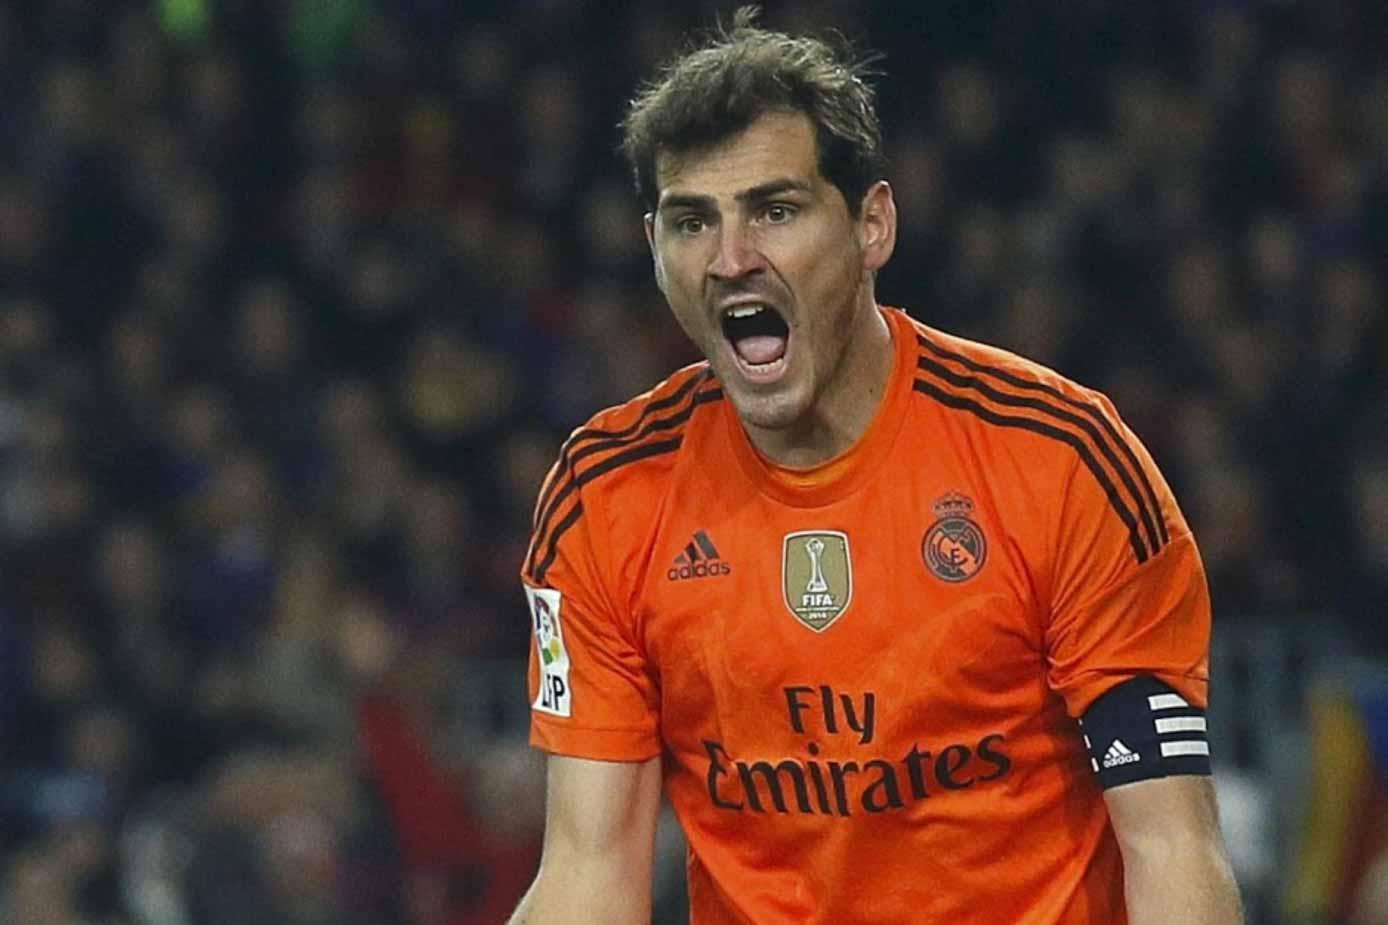 Iker Casillas Jersey - SoccerPro.com